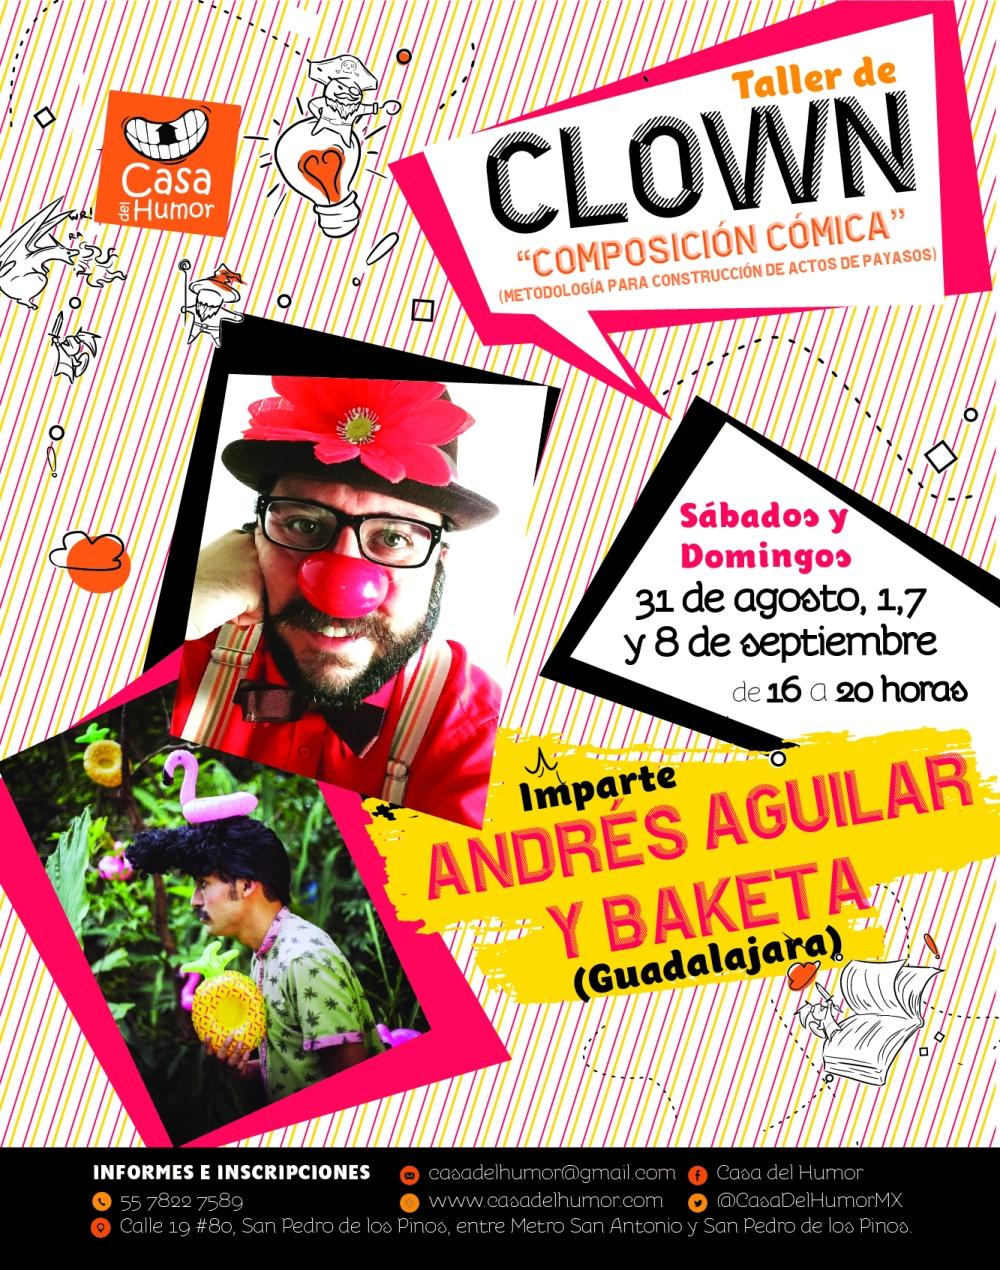 Casa_del_humor_clown_composición_cómica_andres_baketa-01.jpg